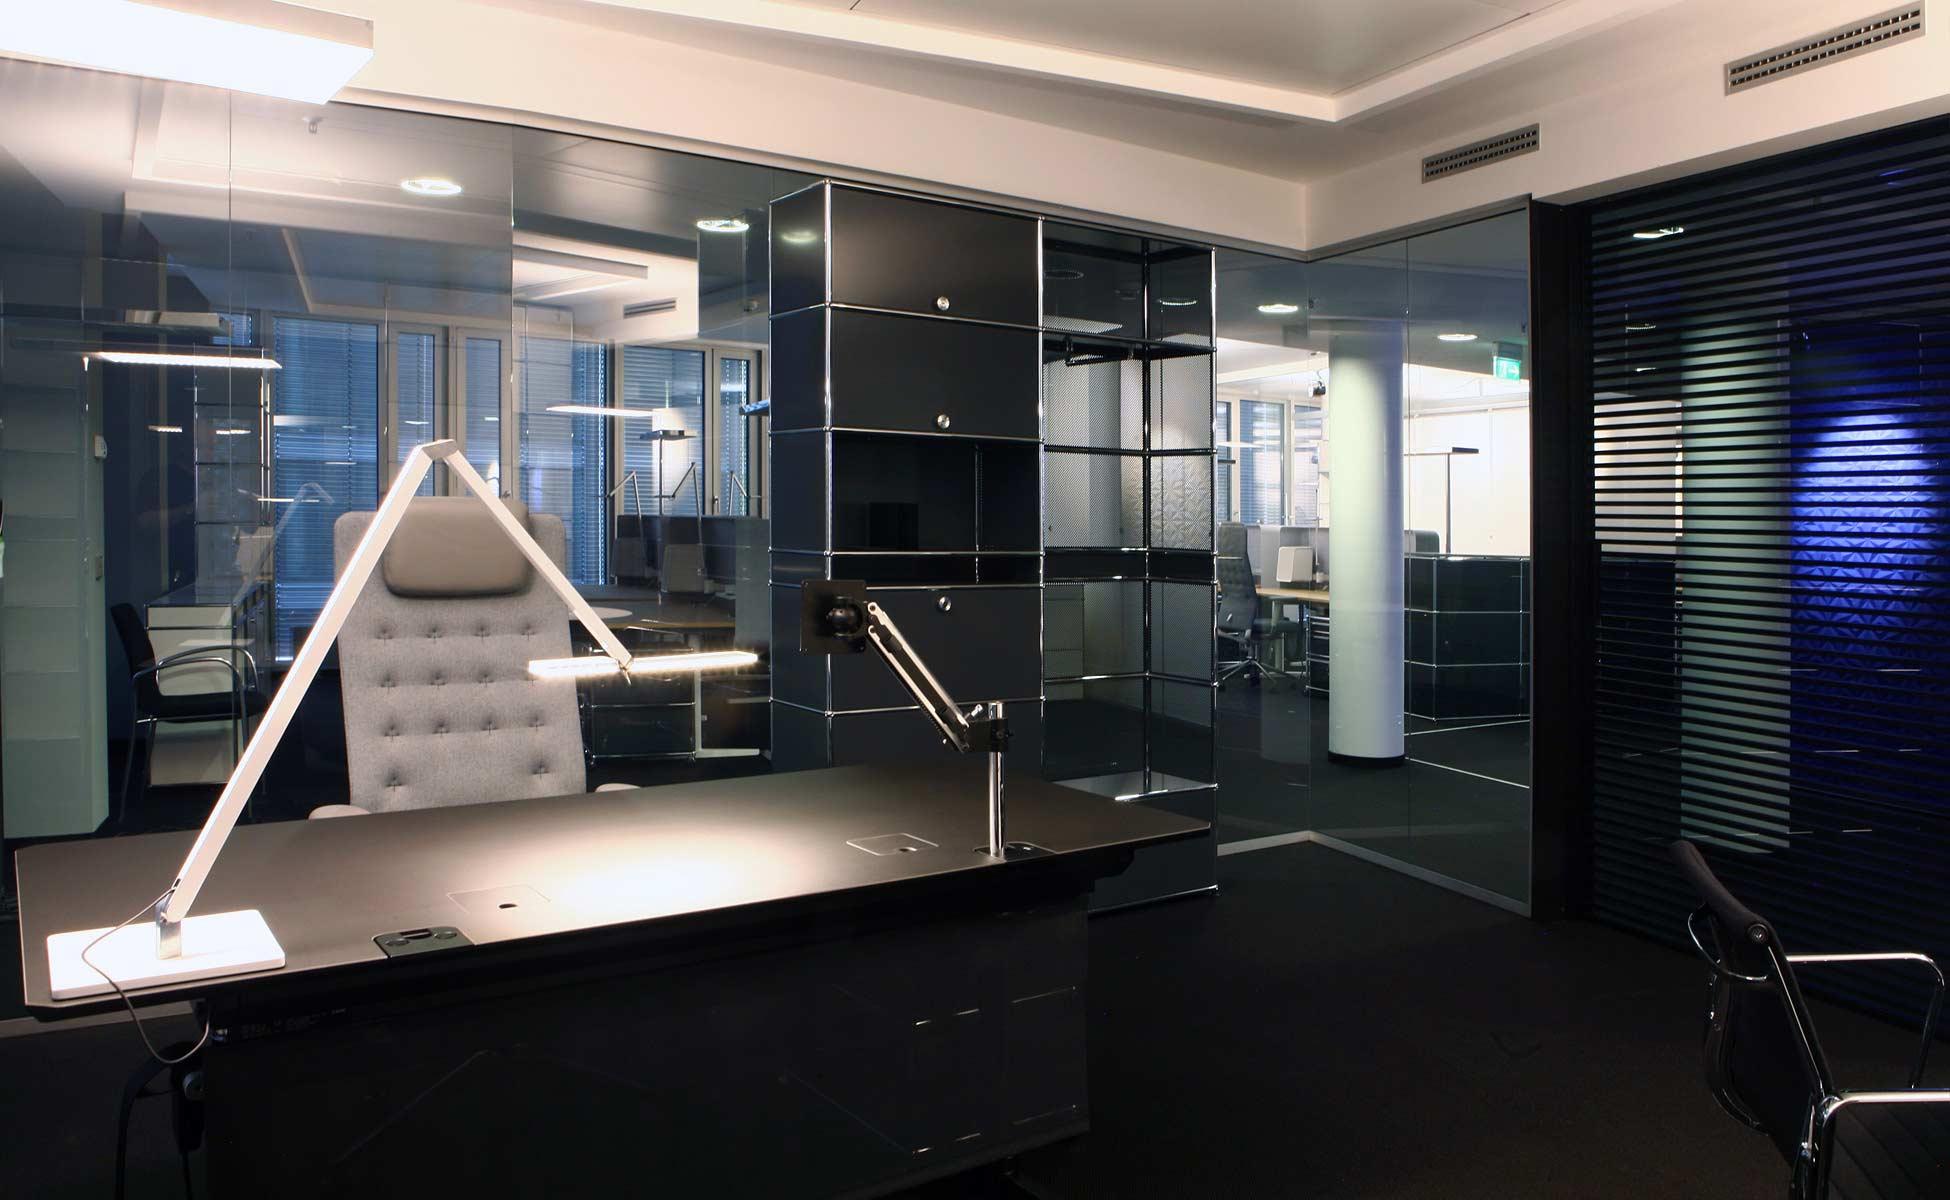 nimbus roxxane office tischleuchte by steidten+ in berlin